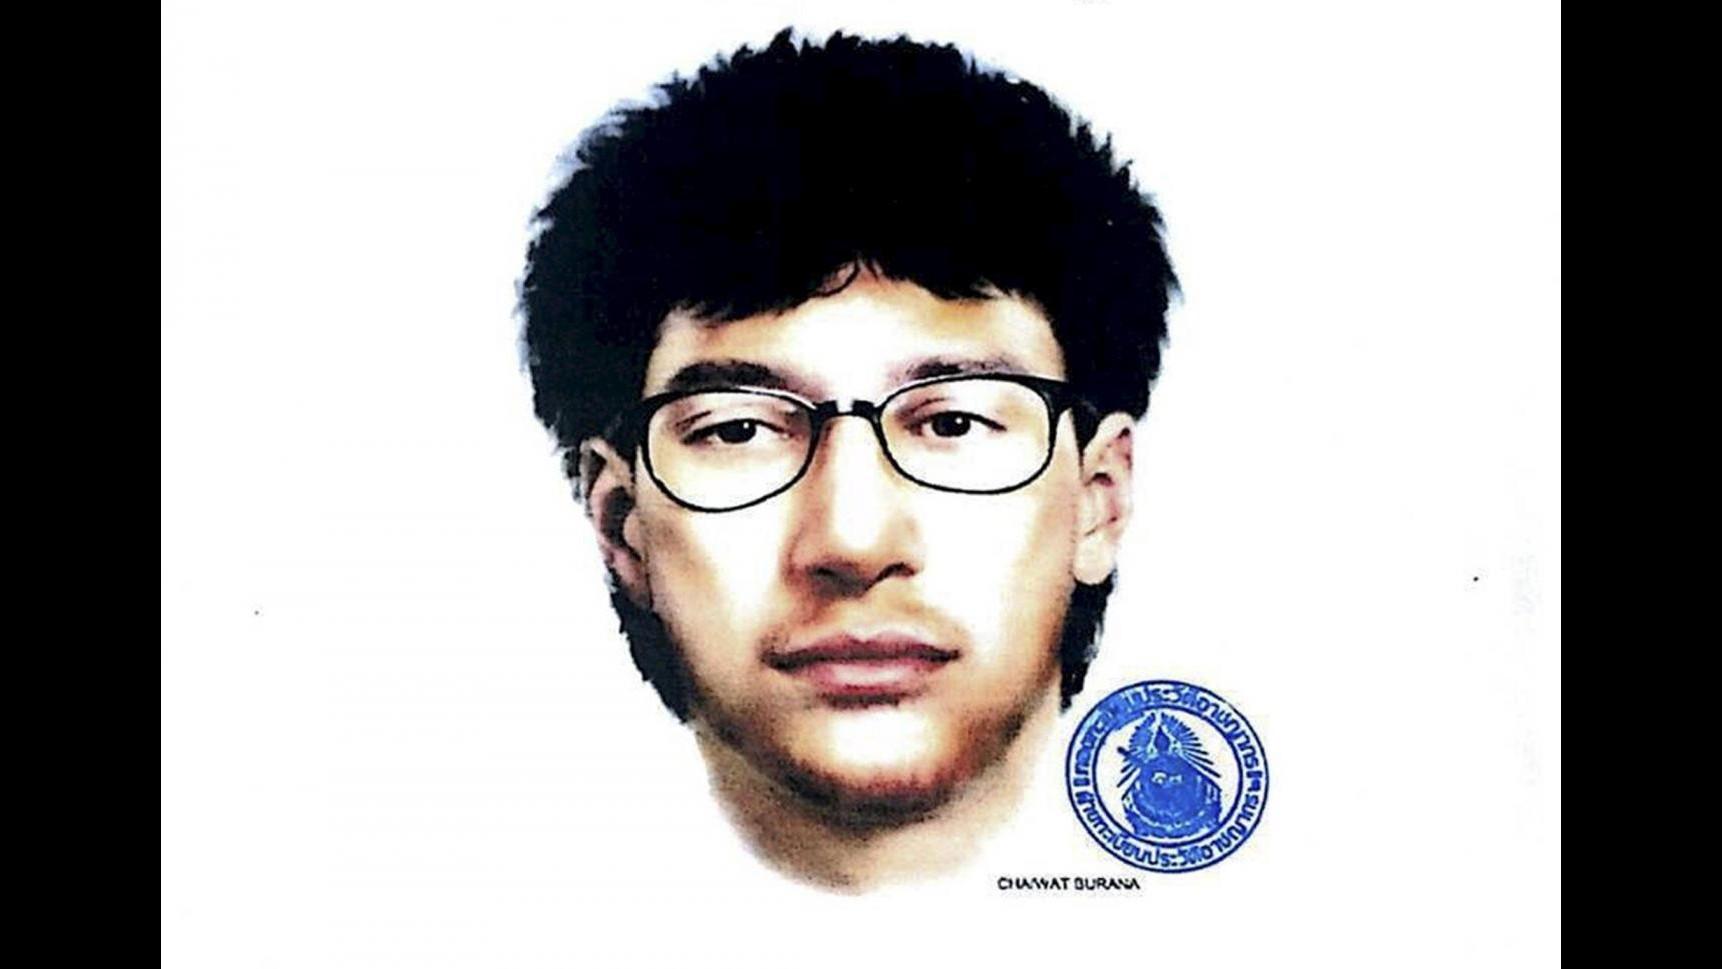 Bomba a Bangkok: caccia a 3 sospettati. Polizia: ancora nessuna pista concreta